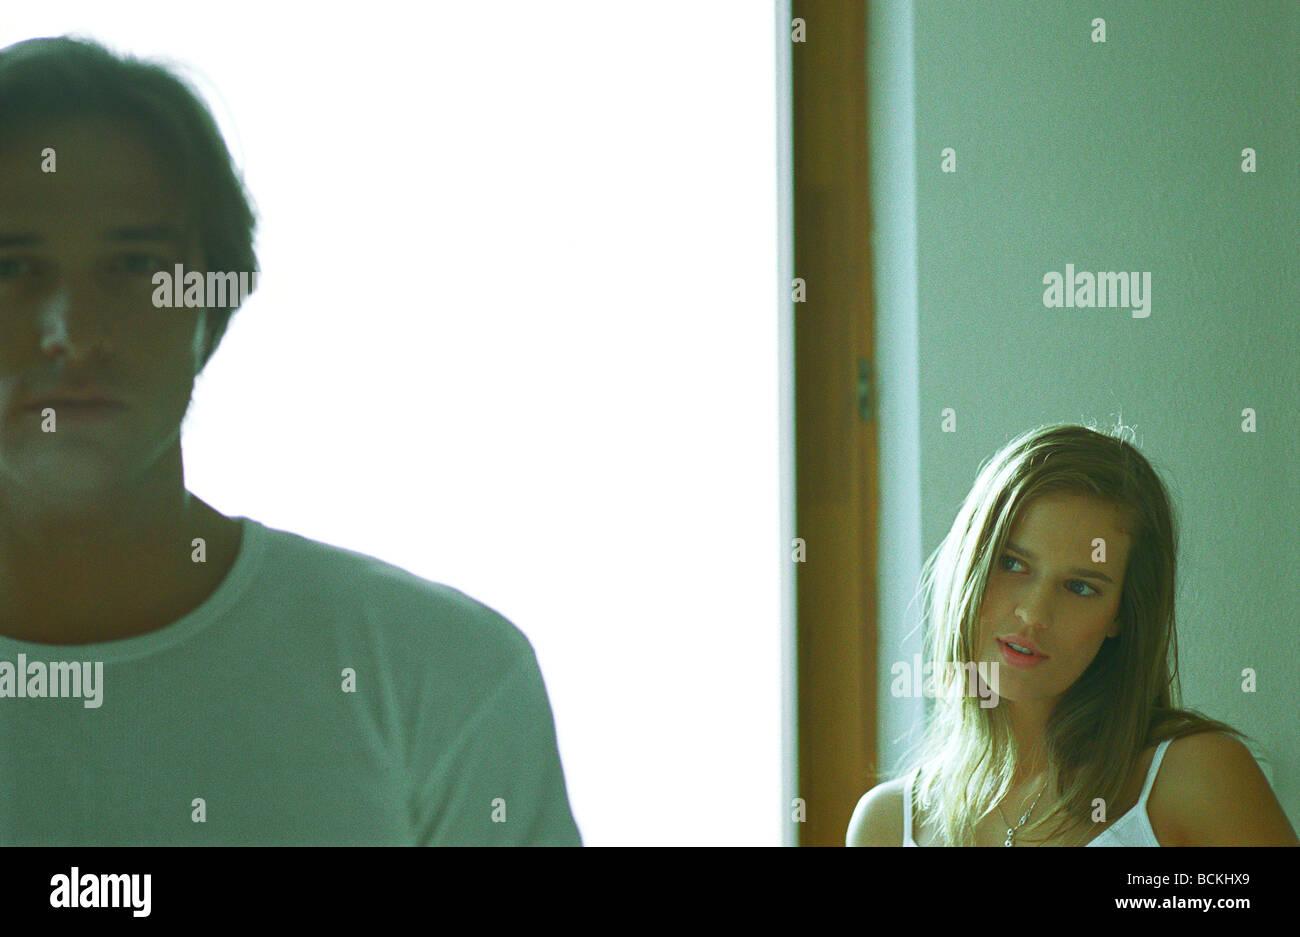 Couple standing apart, Femme recherche homme à Banque D'Images